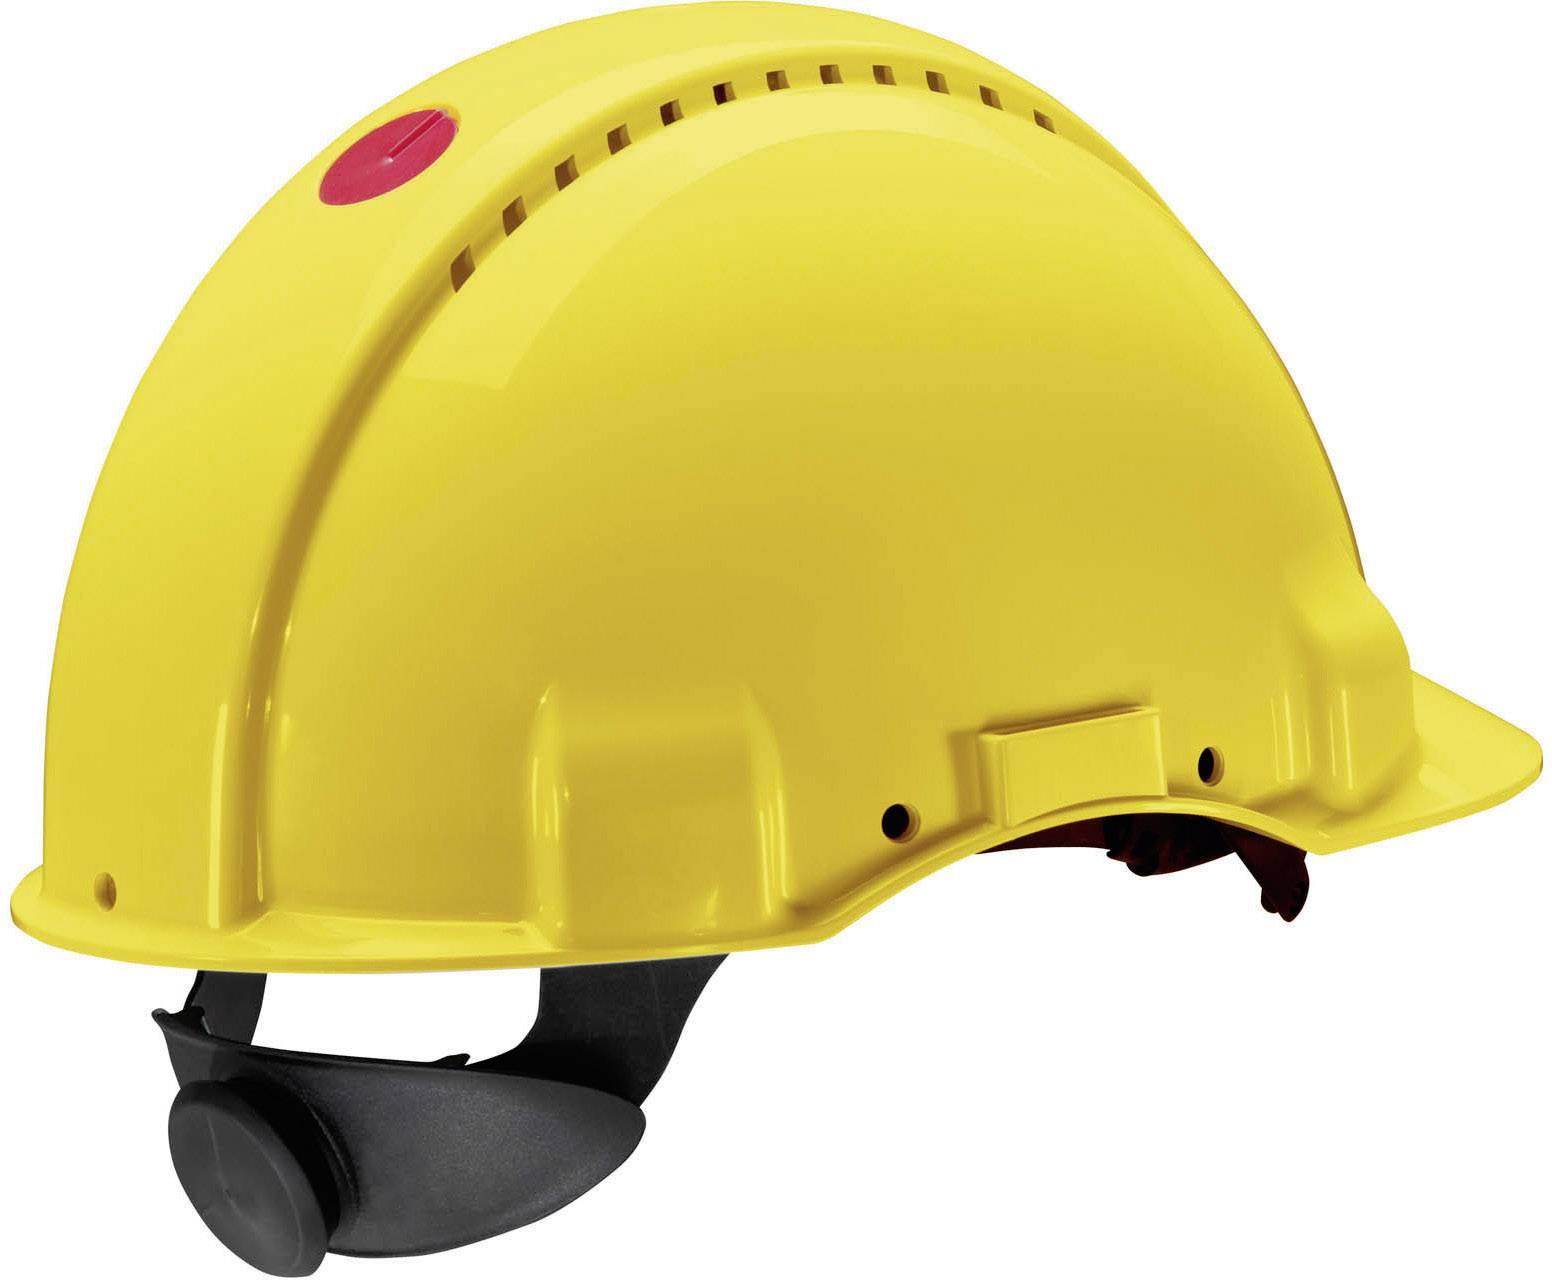 Ochranná prilba Peltor 3M 7000009701, žltá